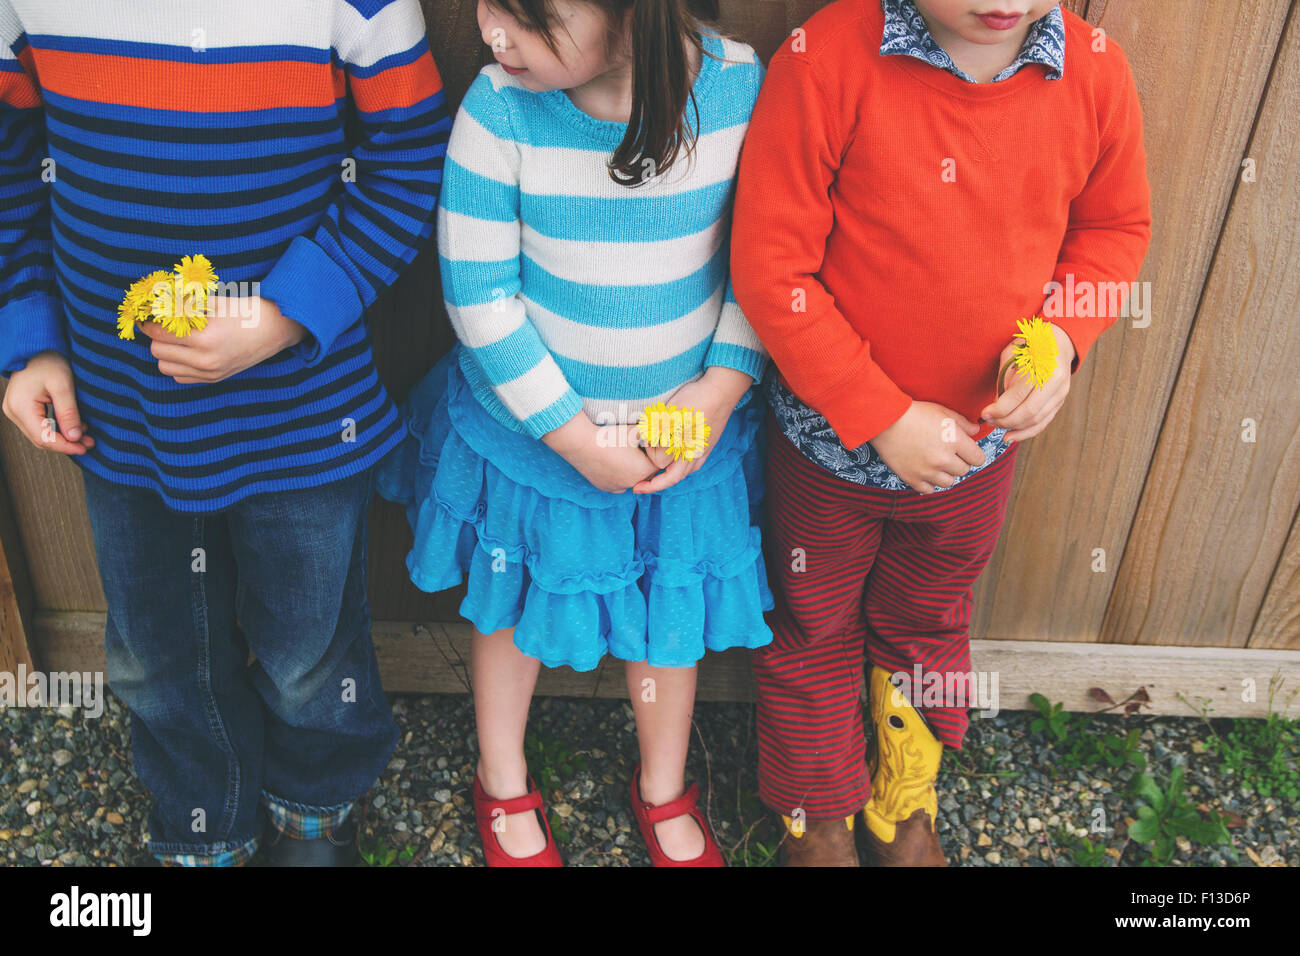 Drei Kinder in einer Reihe stehen, halten Blumen Stockbild